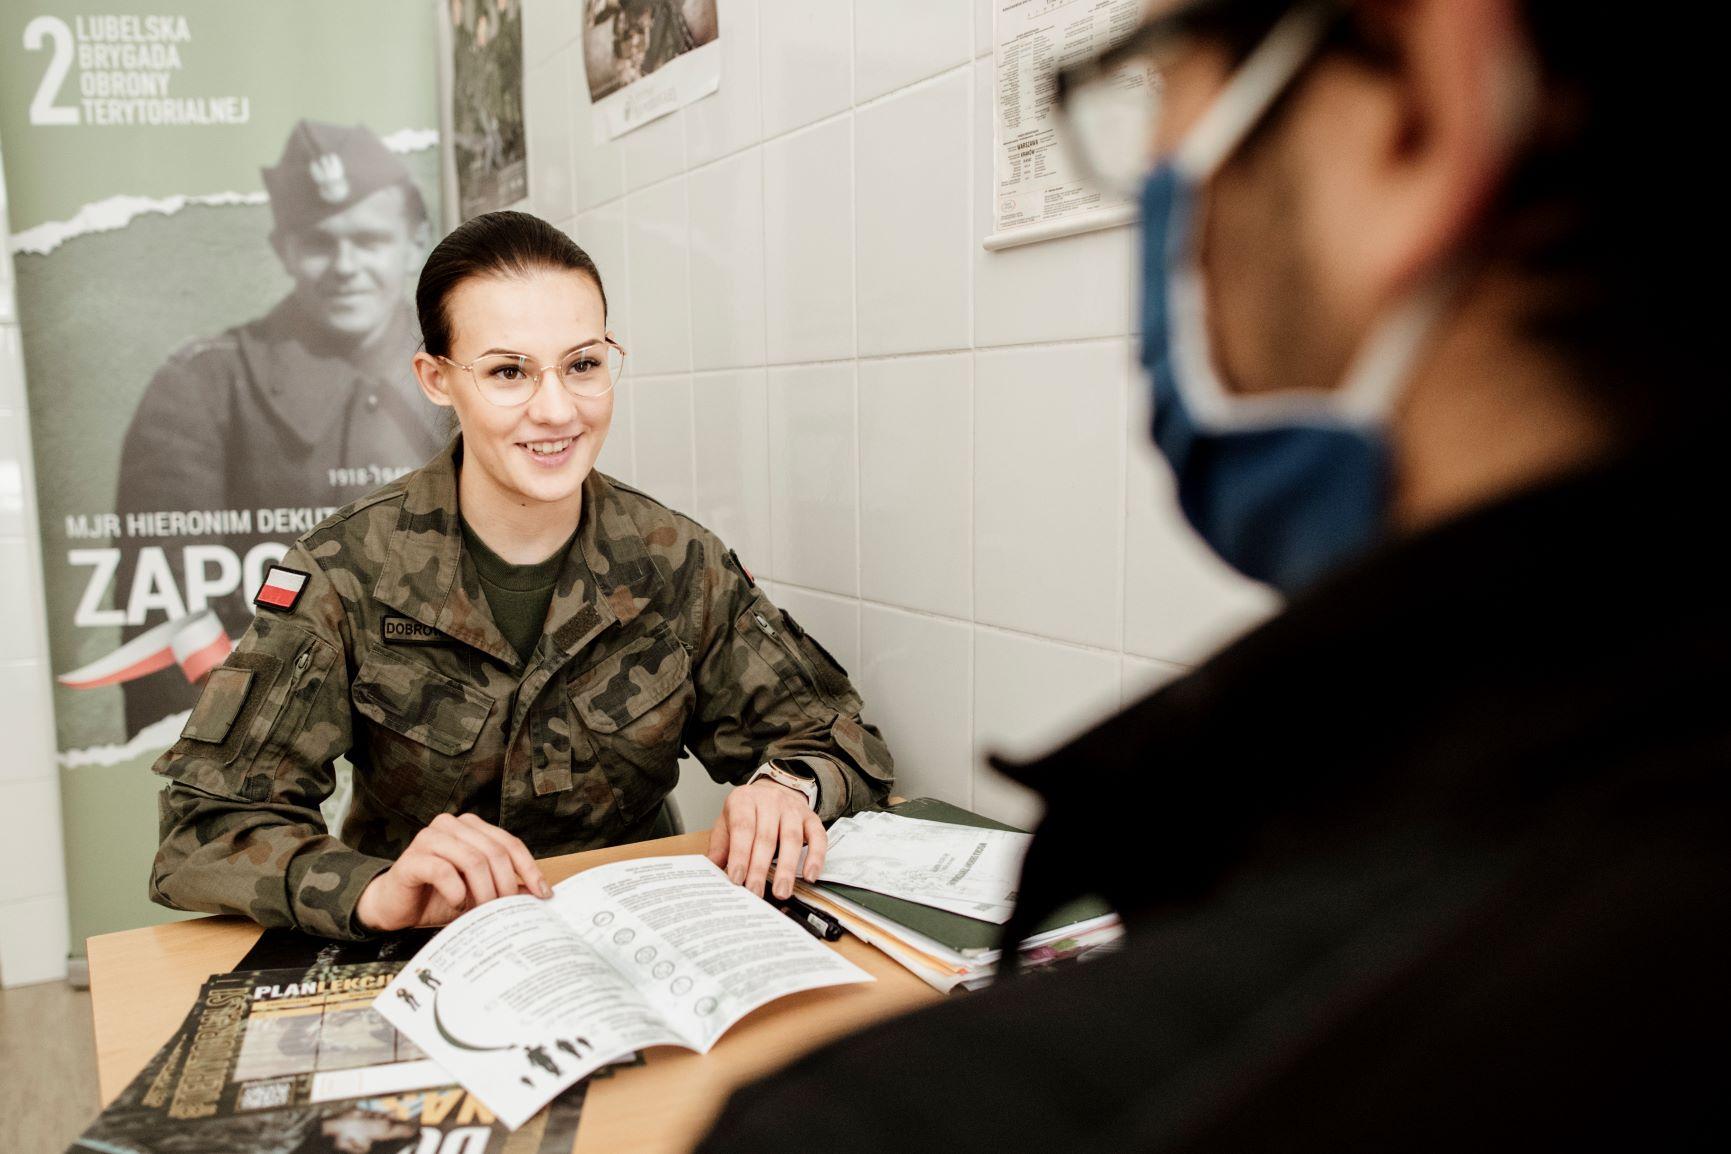 Województwo lubelskie: Trwa kwalifikacja wojskowa. Wzywane są też kobiety, obecni są terytorialsi - Zdjęcie główne